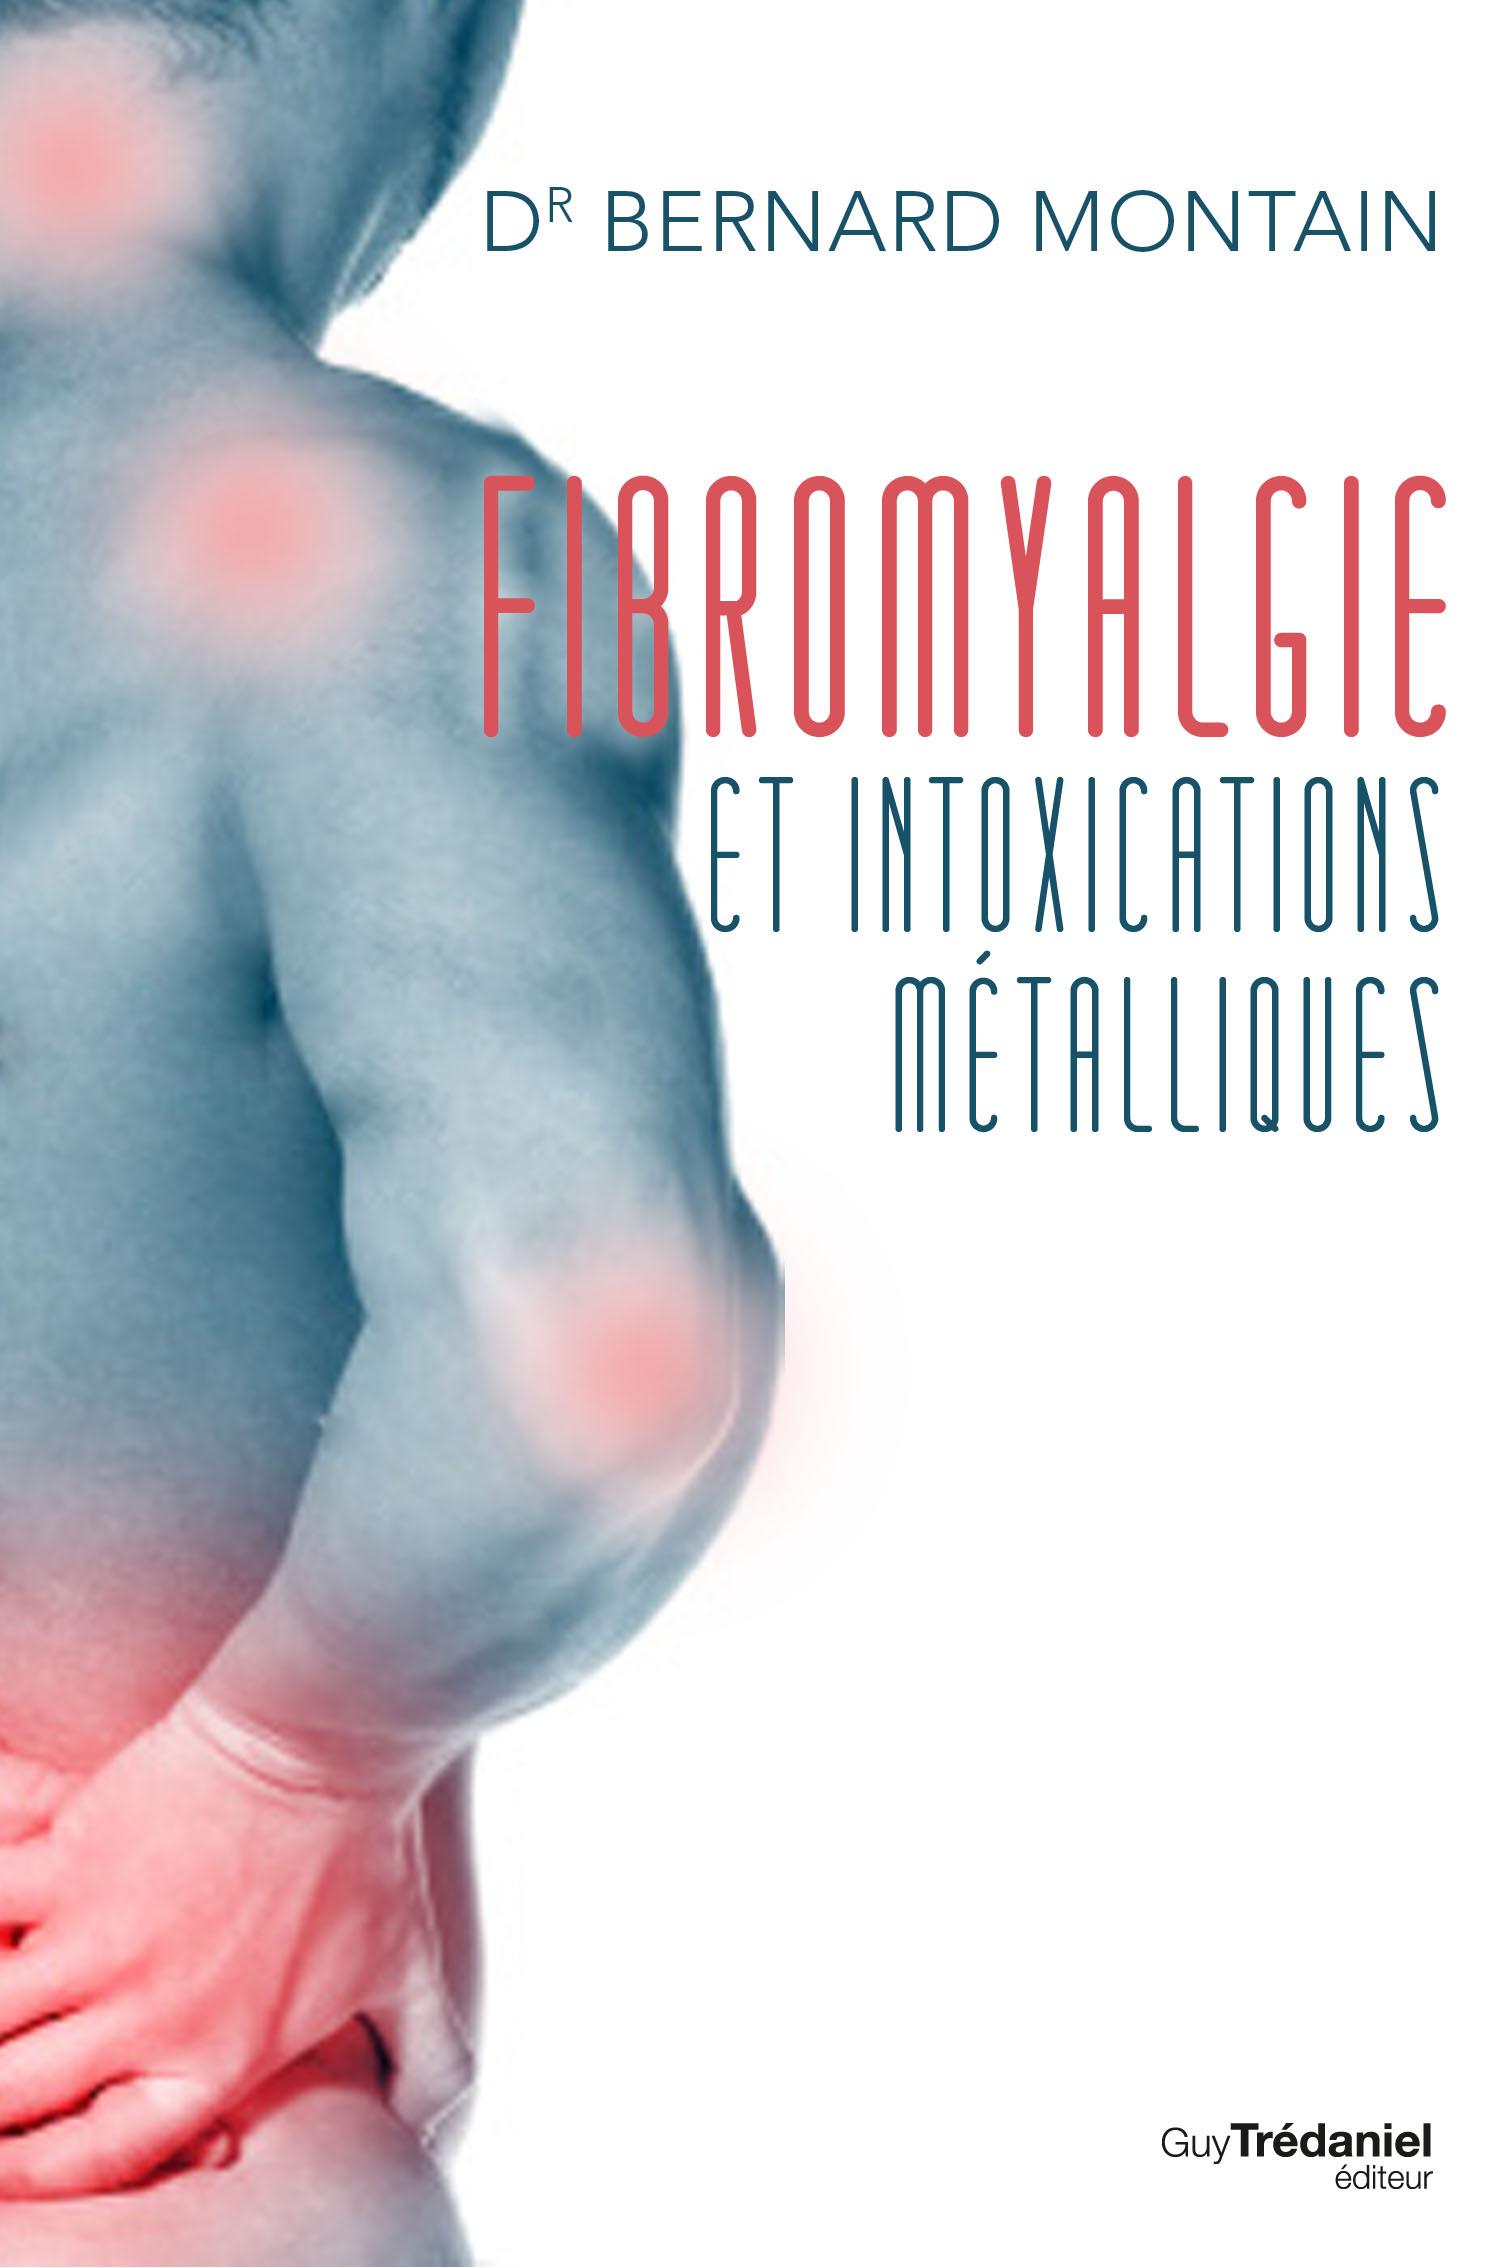 Fibromyalgie : quels sont les traitements